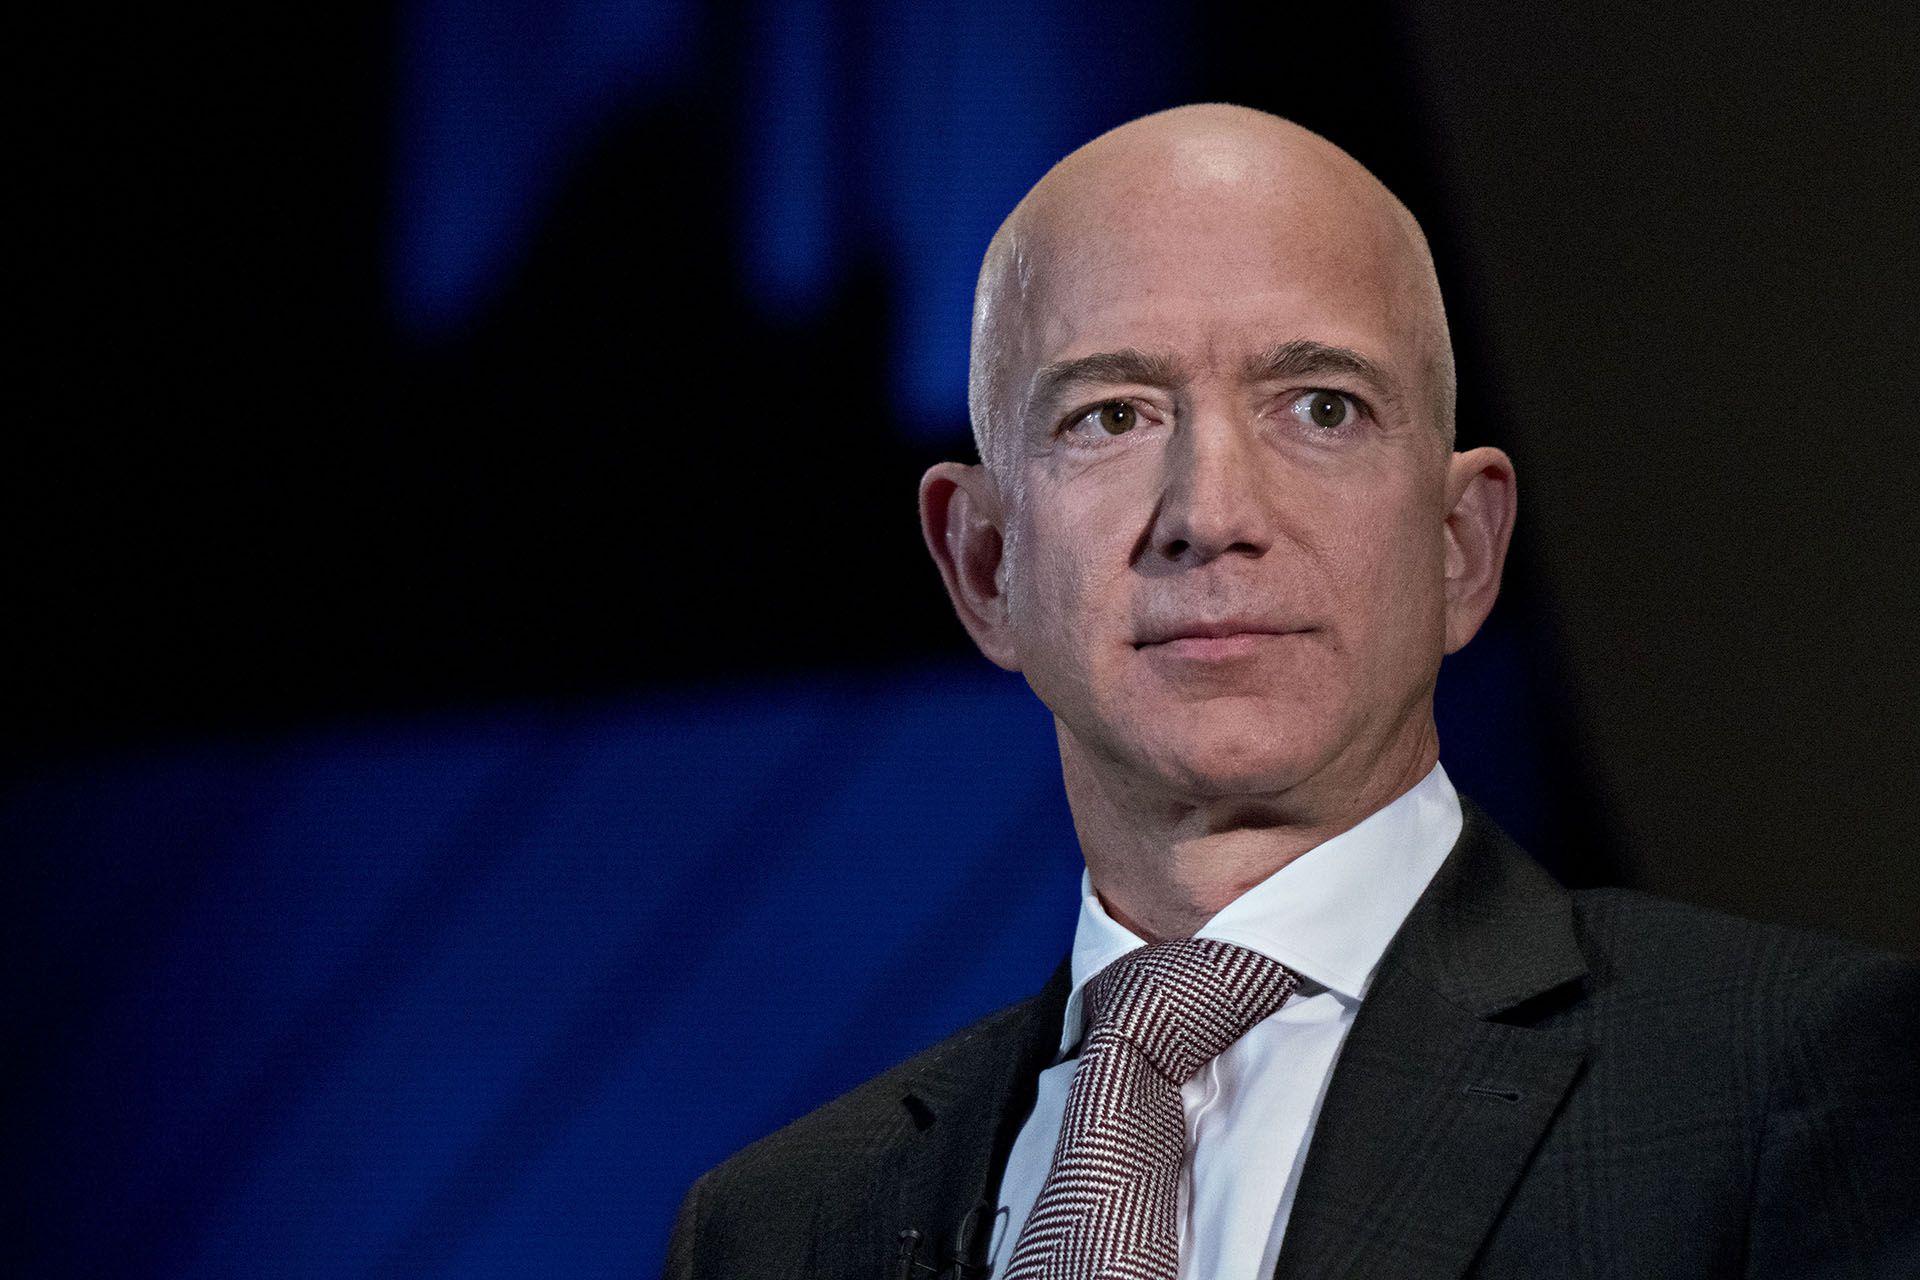 Jeff Bezos, dueño de Amazon, el hombre más rico del mundo. (Foto: Archivo)